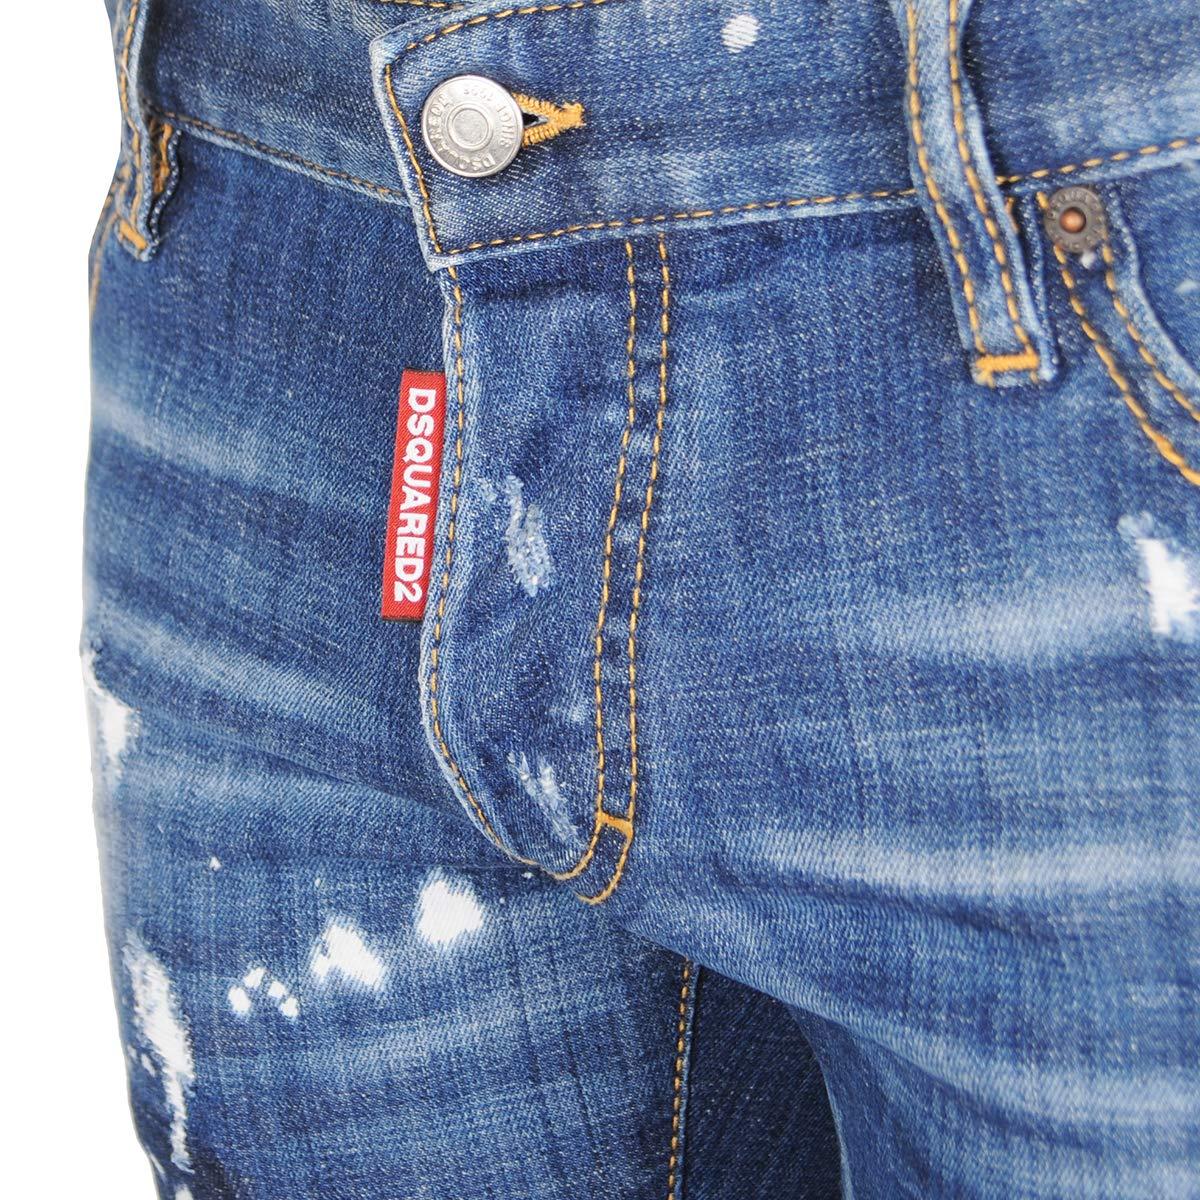 DSQUARED2 Dsquared Jeans Man Denim S71LB0314